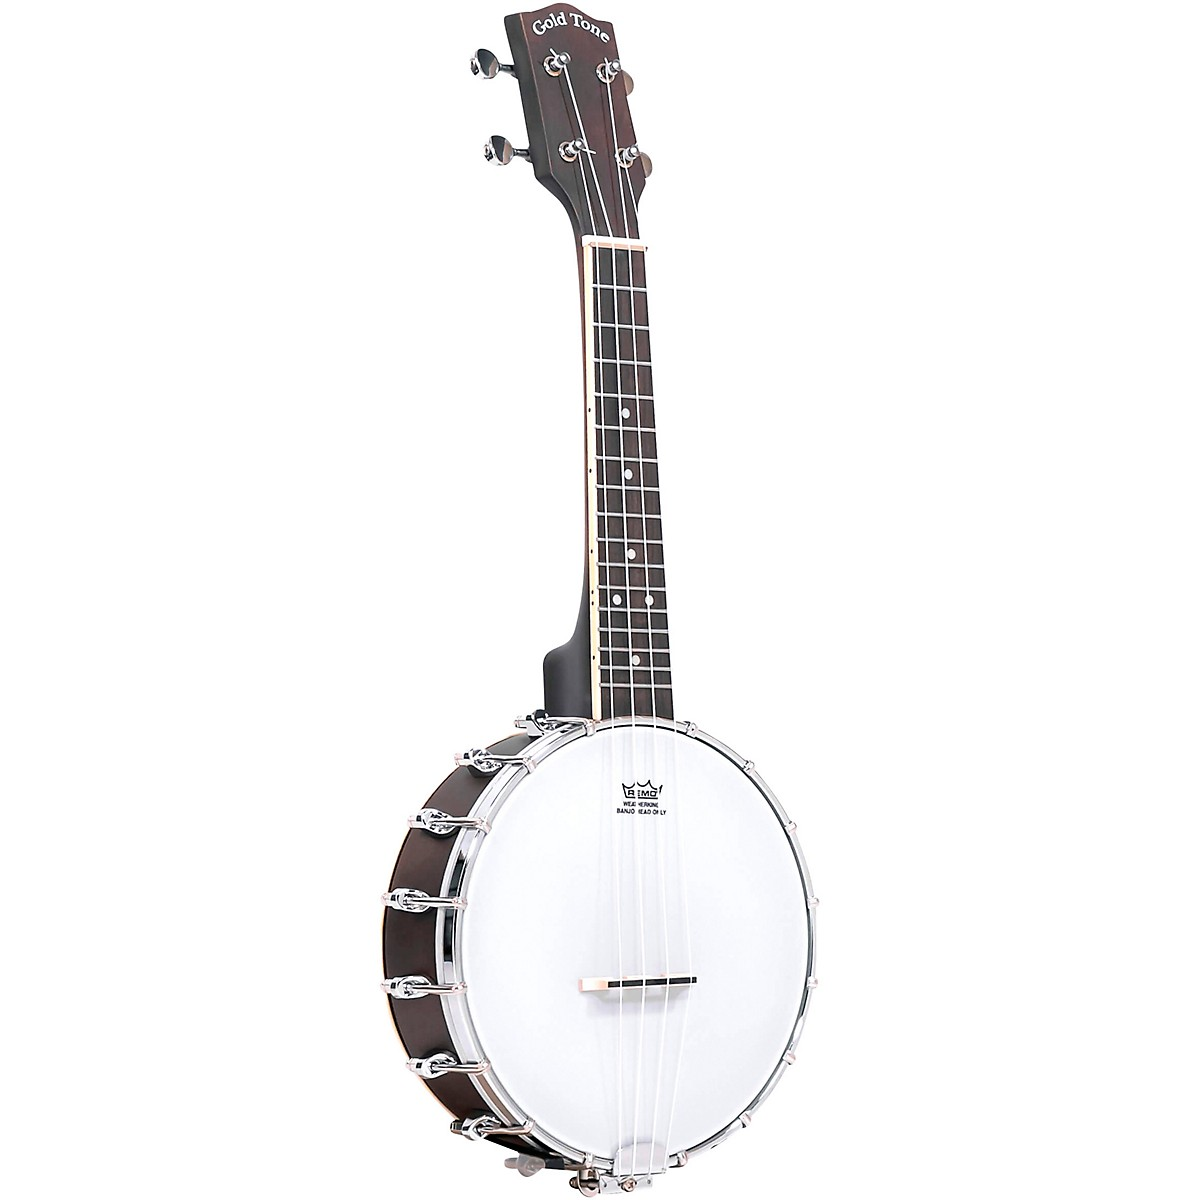 Gold Tone BUS Soprano Banjo Ukulele